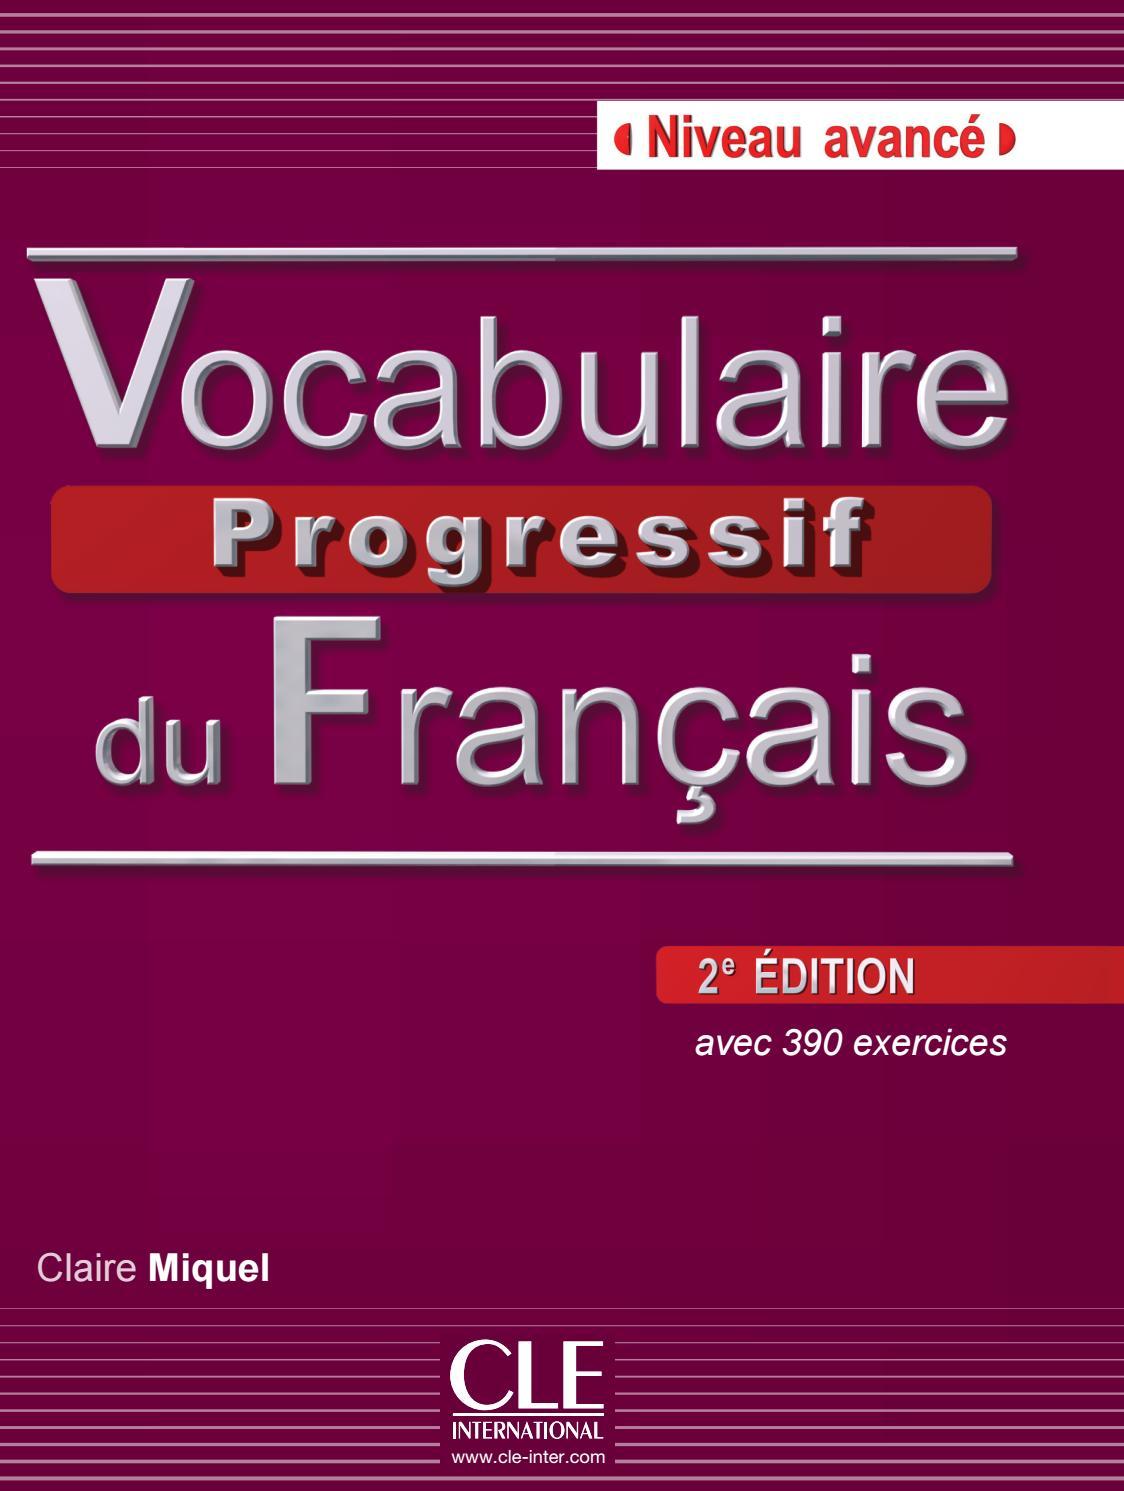 Extrait Vocabulaire Progressif Du Francais 2e Edition